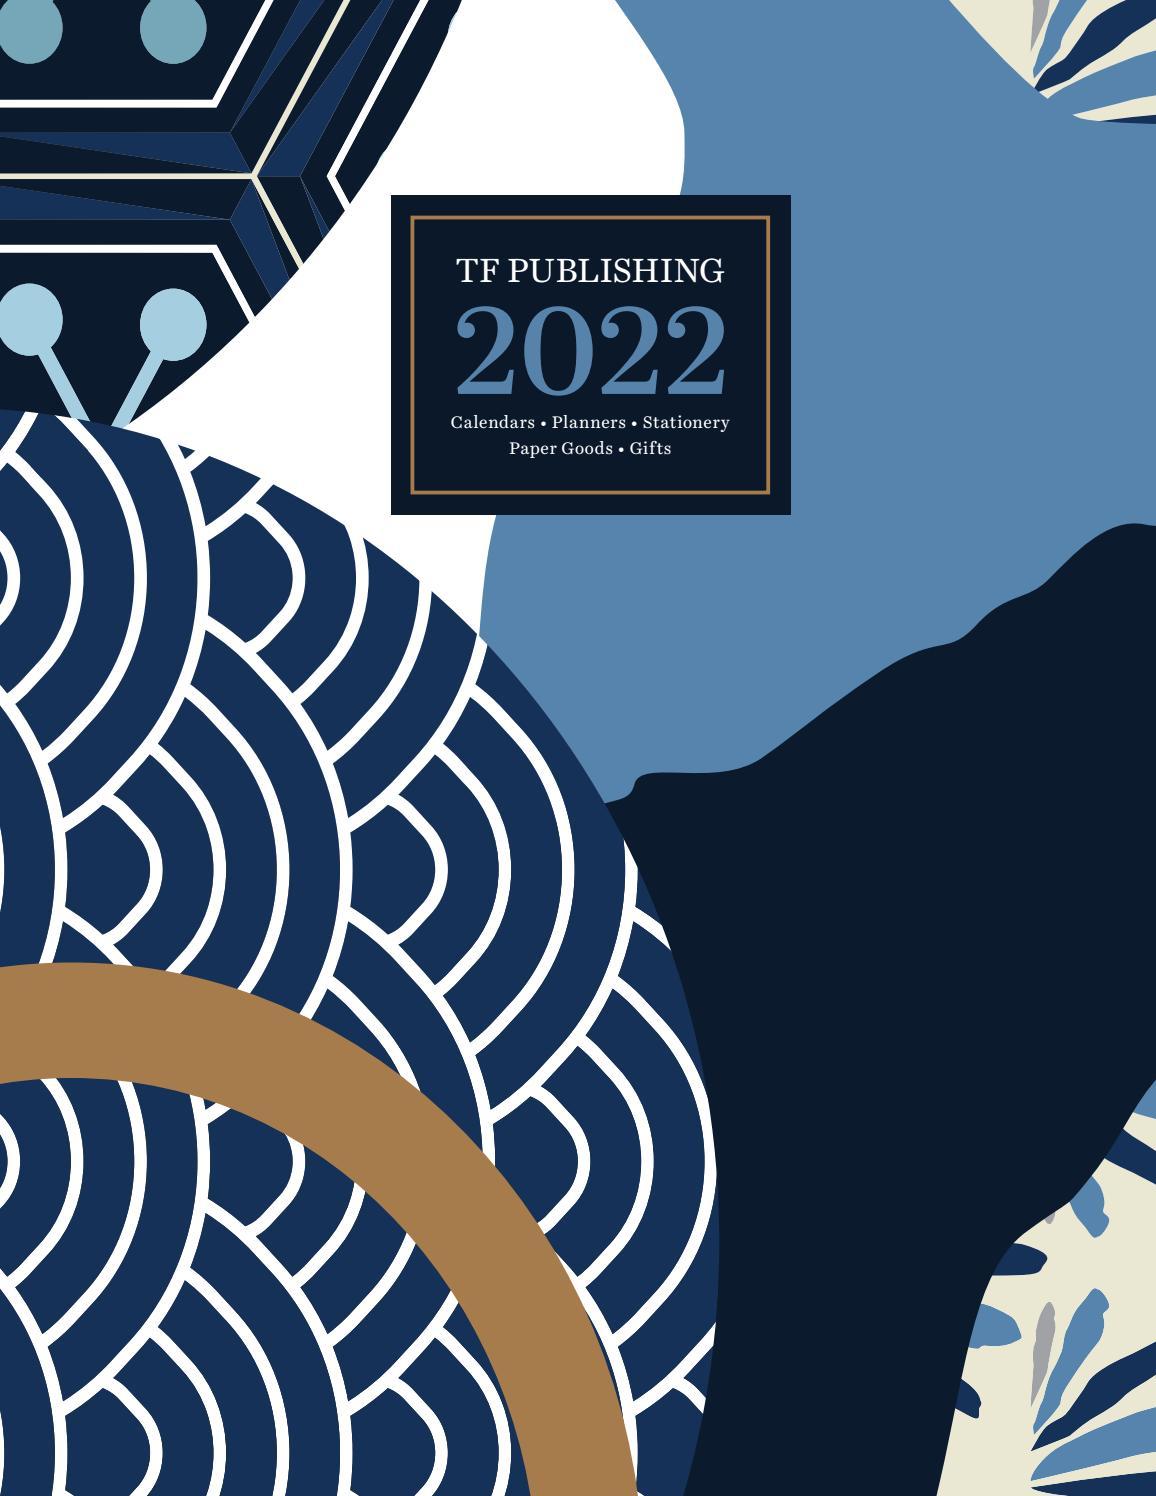 Maxine Calendar 2022.2022 Tf Publishing Catalog By Tf Publishing Issuu